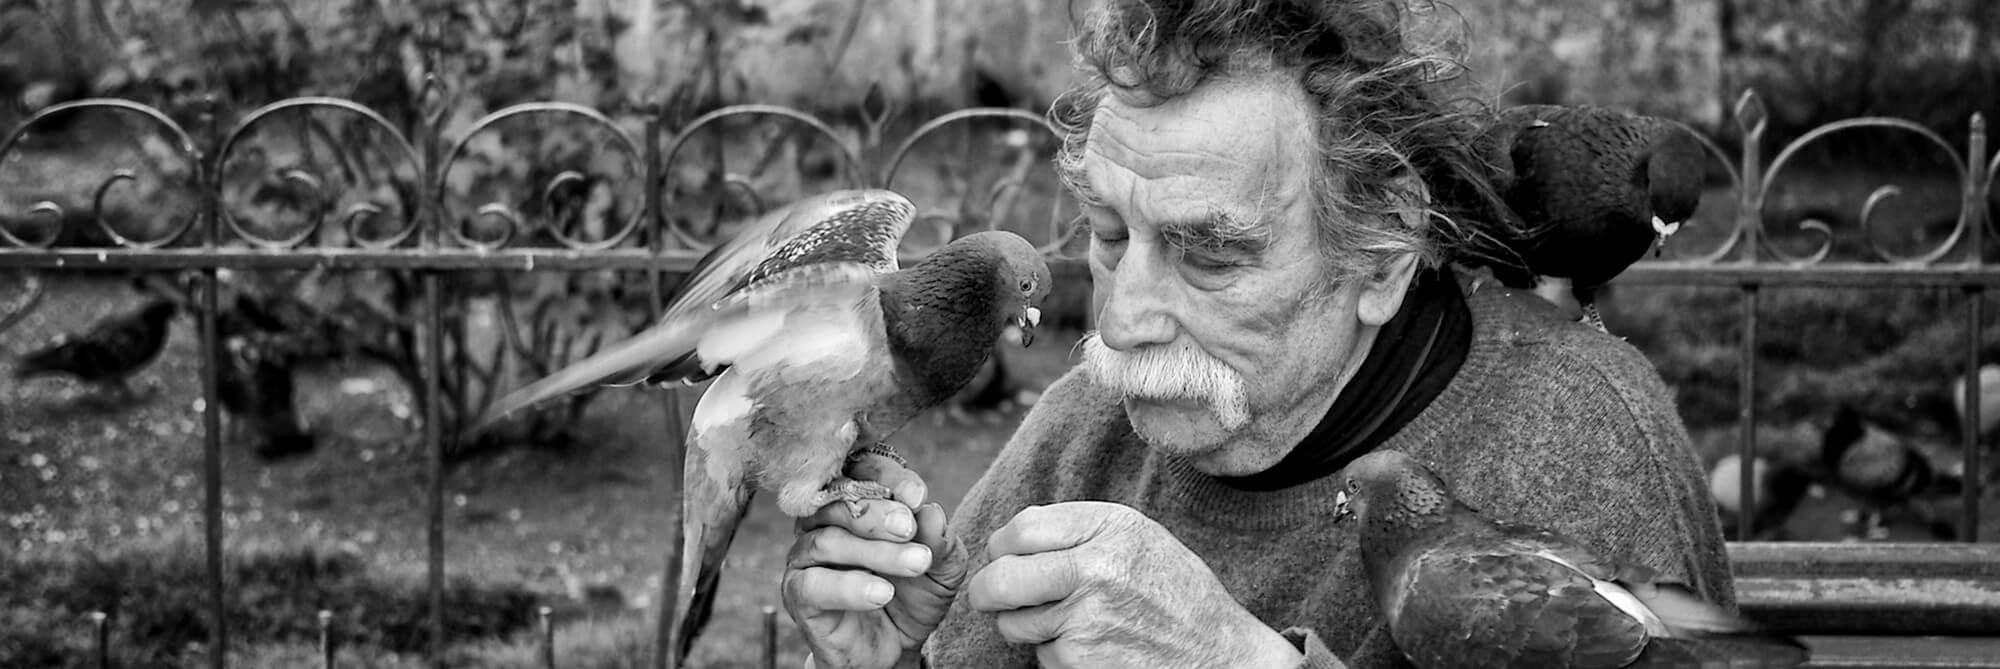 """""""Když černobílá fotka nemá obsah, tak se na to koukat nedá."""" Rozhovor s Honzou Jirkovským o street fotografii, reportáži a dokumentu"""